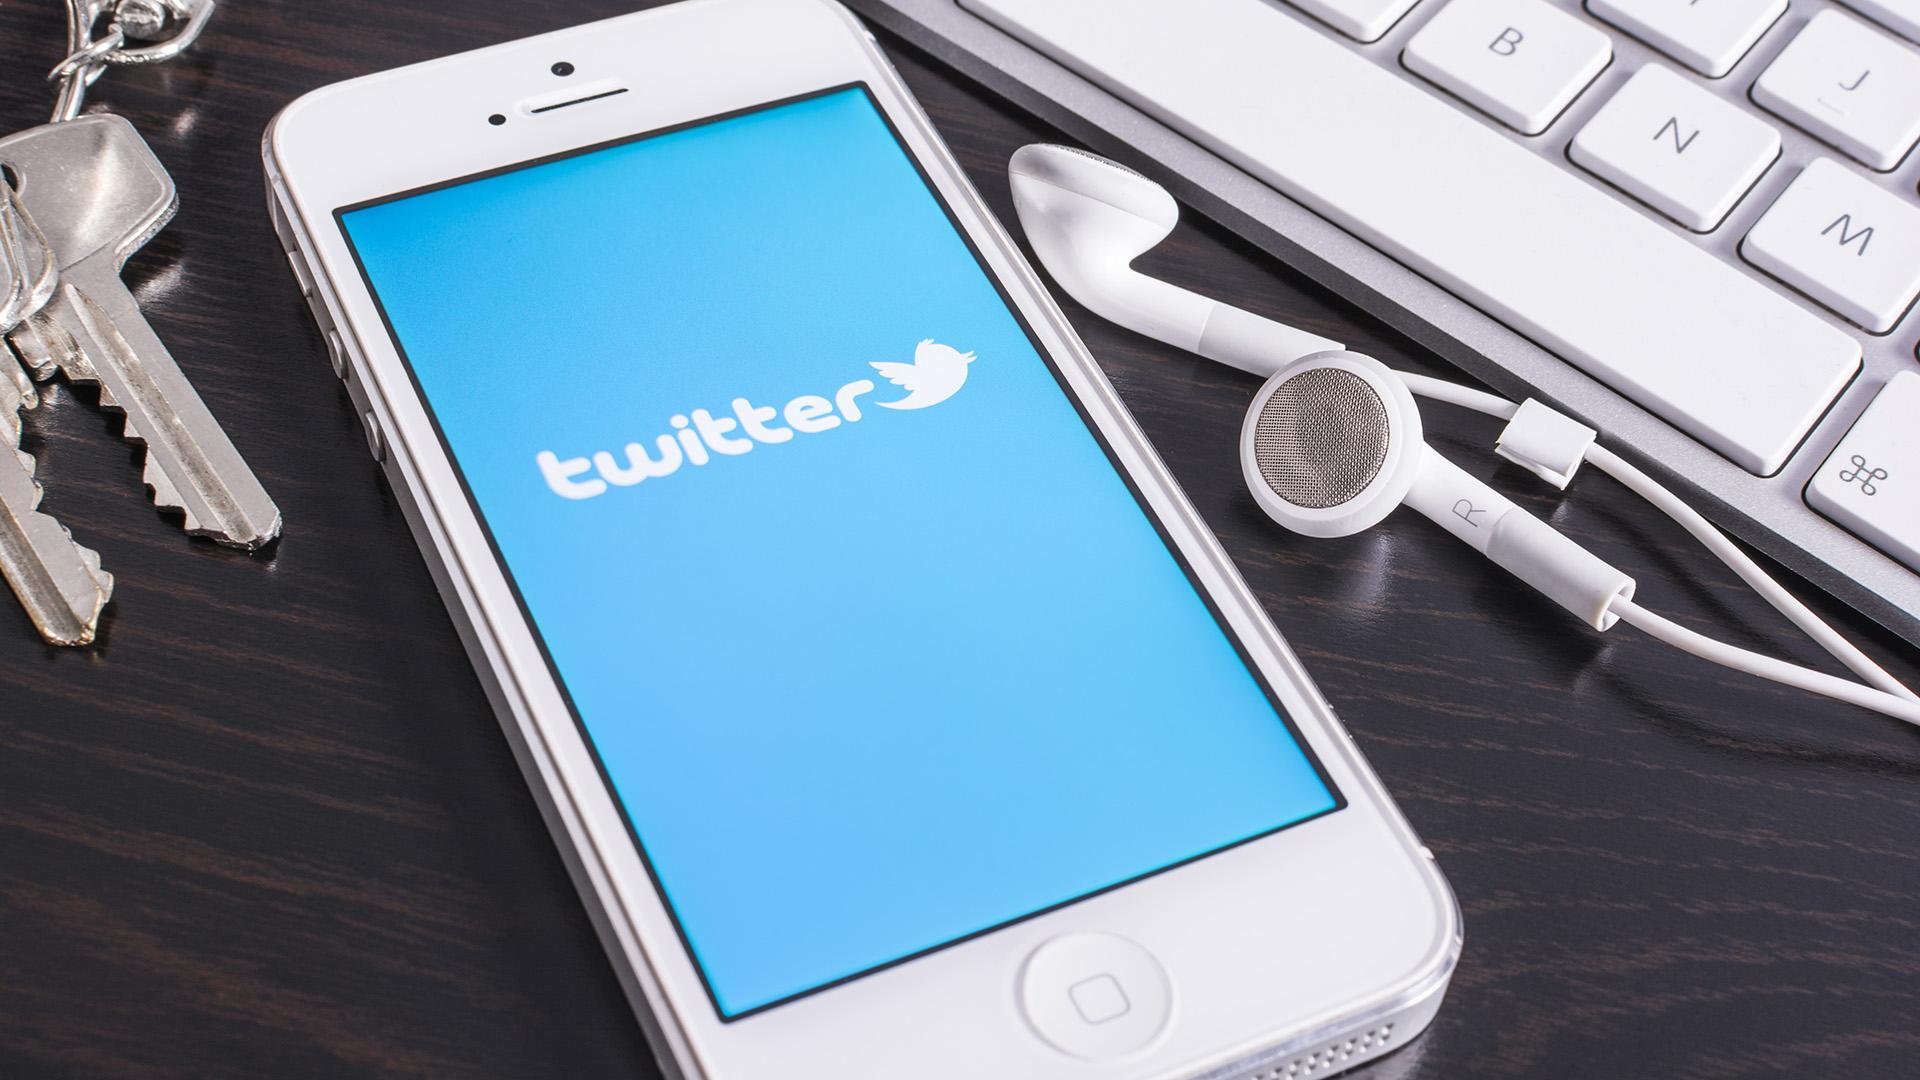 «Твиттер» останется таким же лаконичным, как ираньше, но даст пользователям чуть больше свободы.